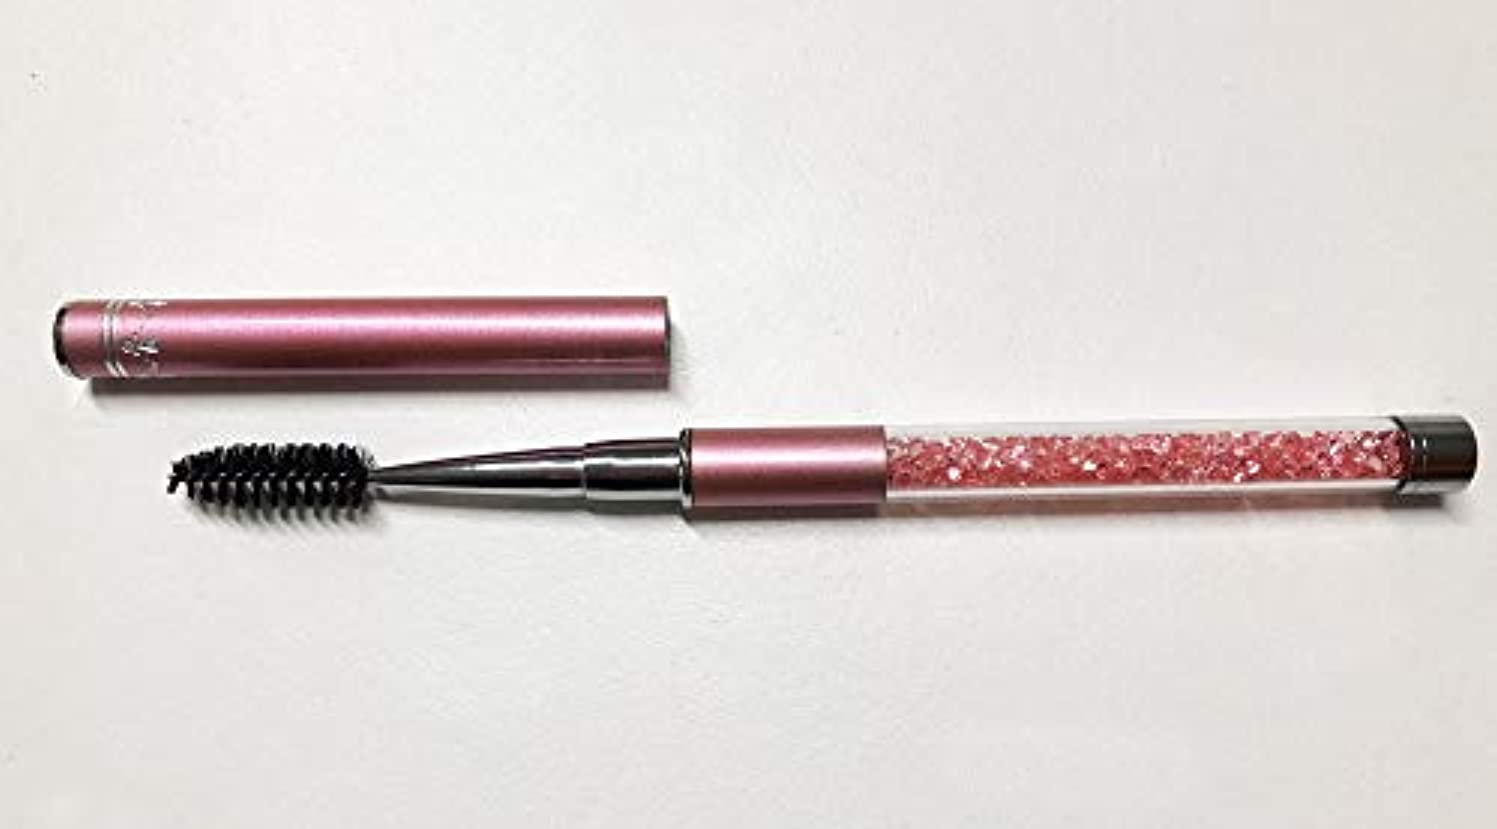 生デンプシー結晶ジュエリー アイラッシュブラシ ピンク メイクブラシ スクリューブラシ マツエク まつ毛エクステ つけまつ毛 まつげ ブラシ アイラッシュ